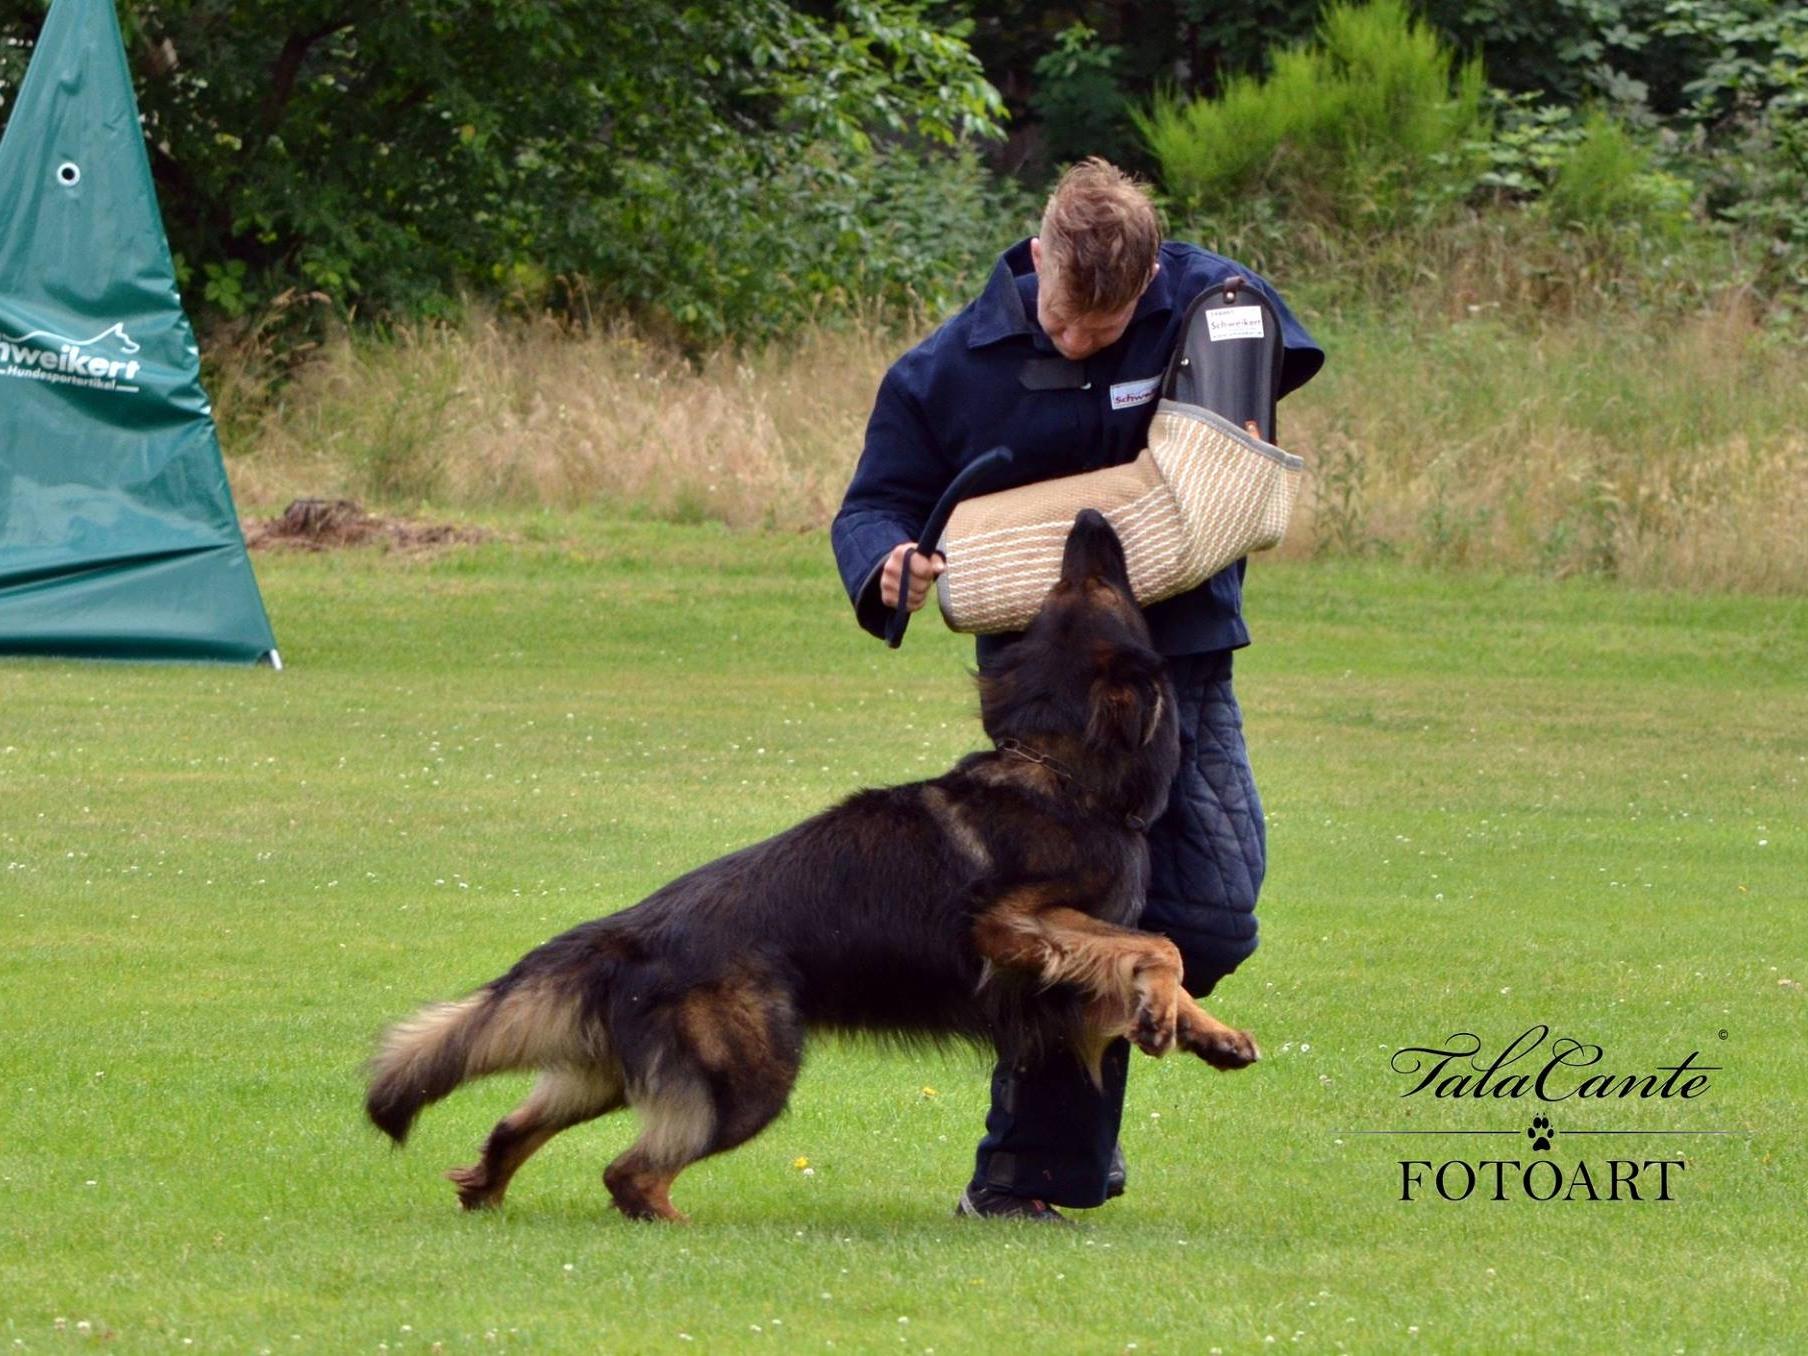 Schutzdienst im Schutzhundesport